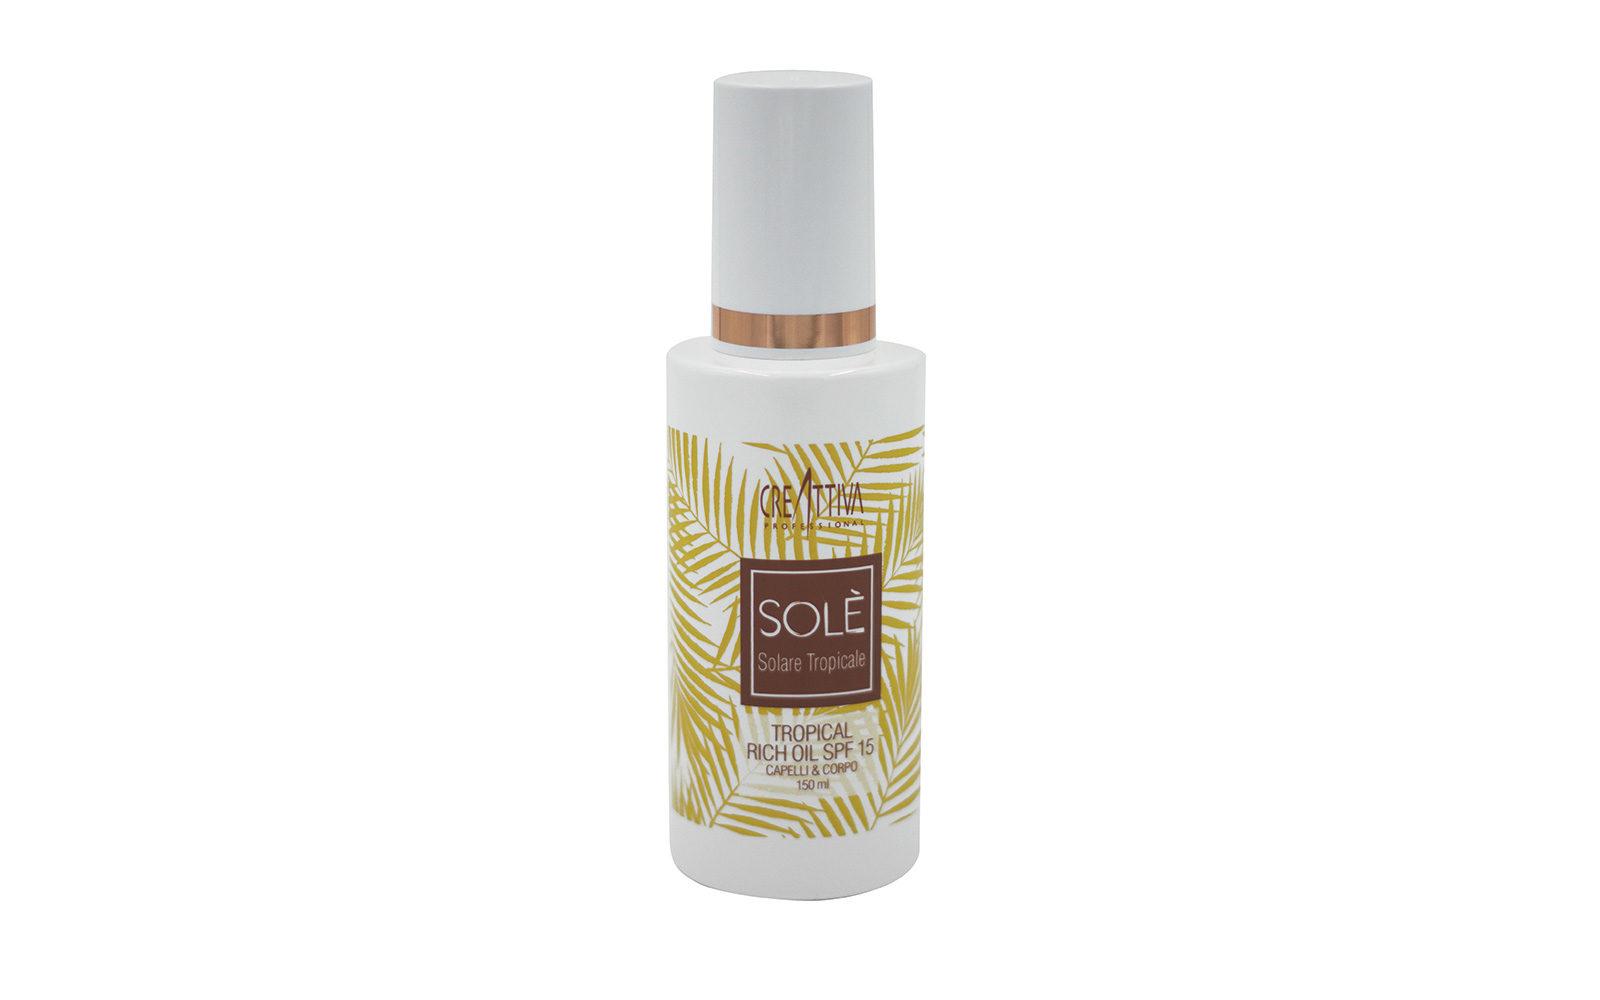 La novità dell'estate? Prodotti che proteggono capelli e corpo come Tropical Rich Oil SPF 15 Capelli & Corpo Solè di Creattiva Professional (salone, da 23 euro).